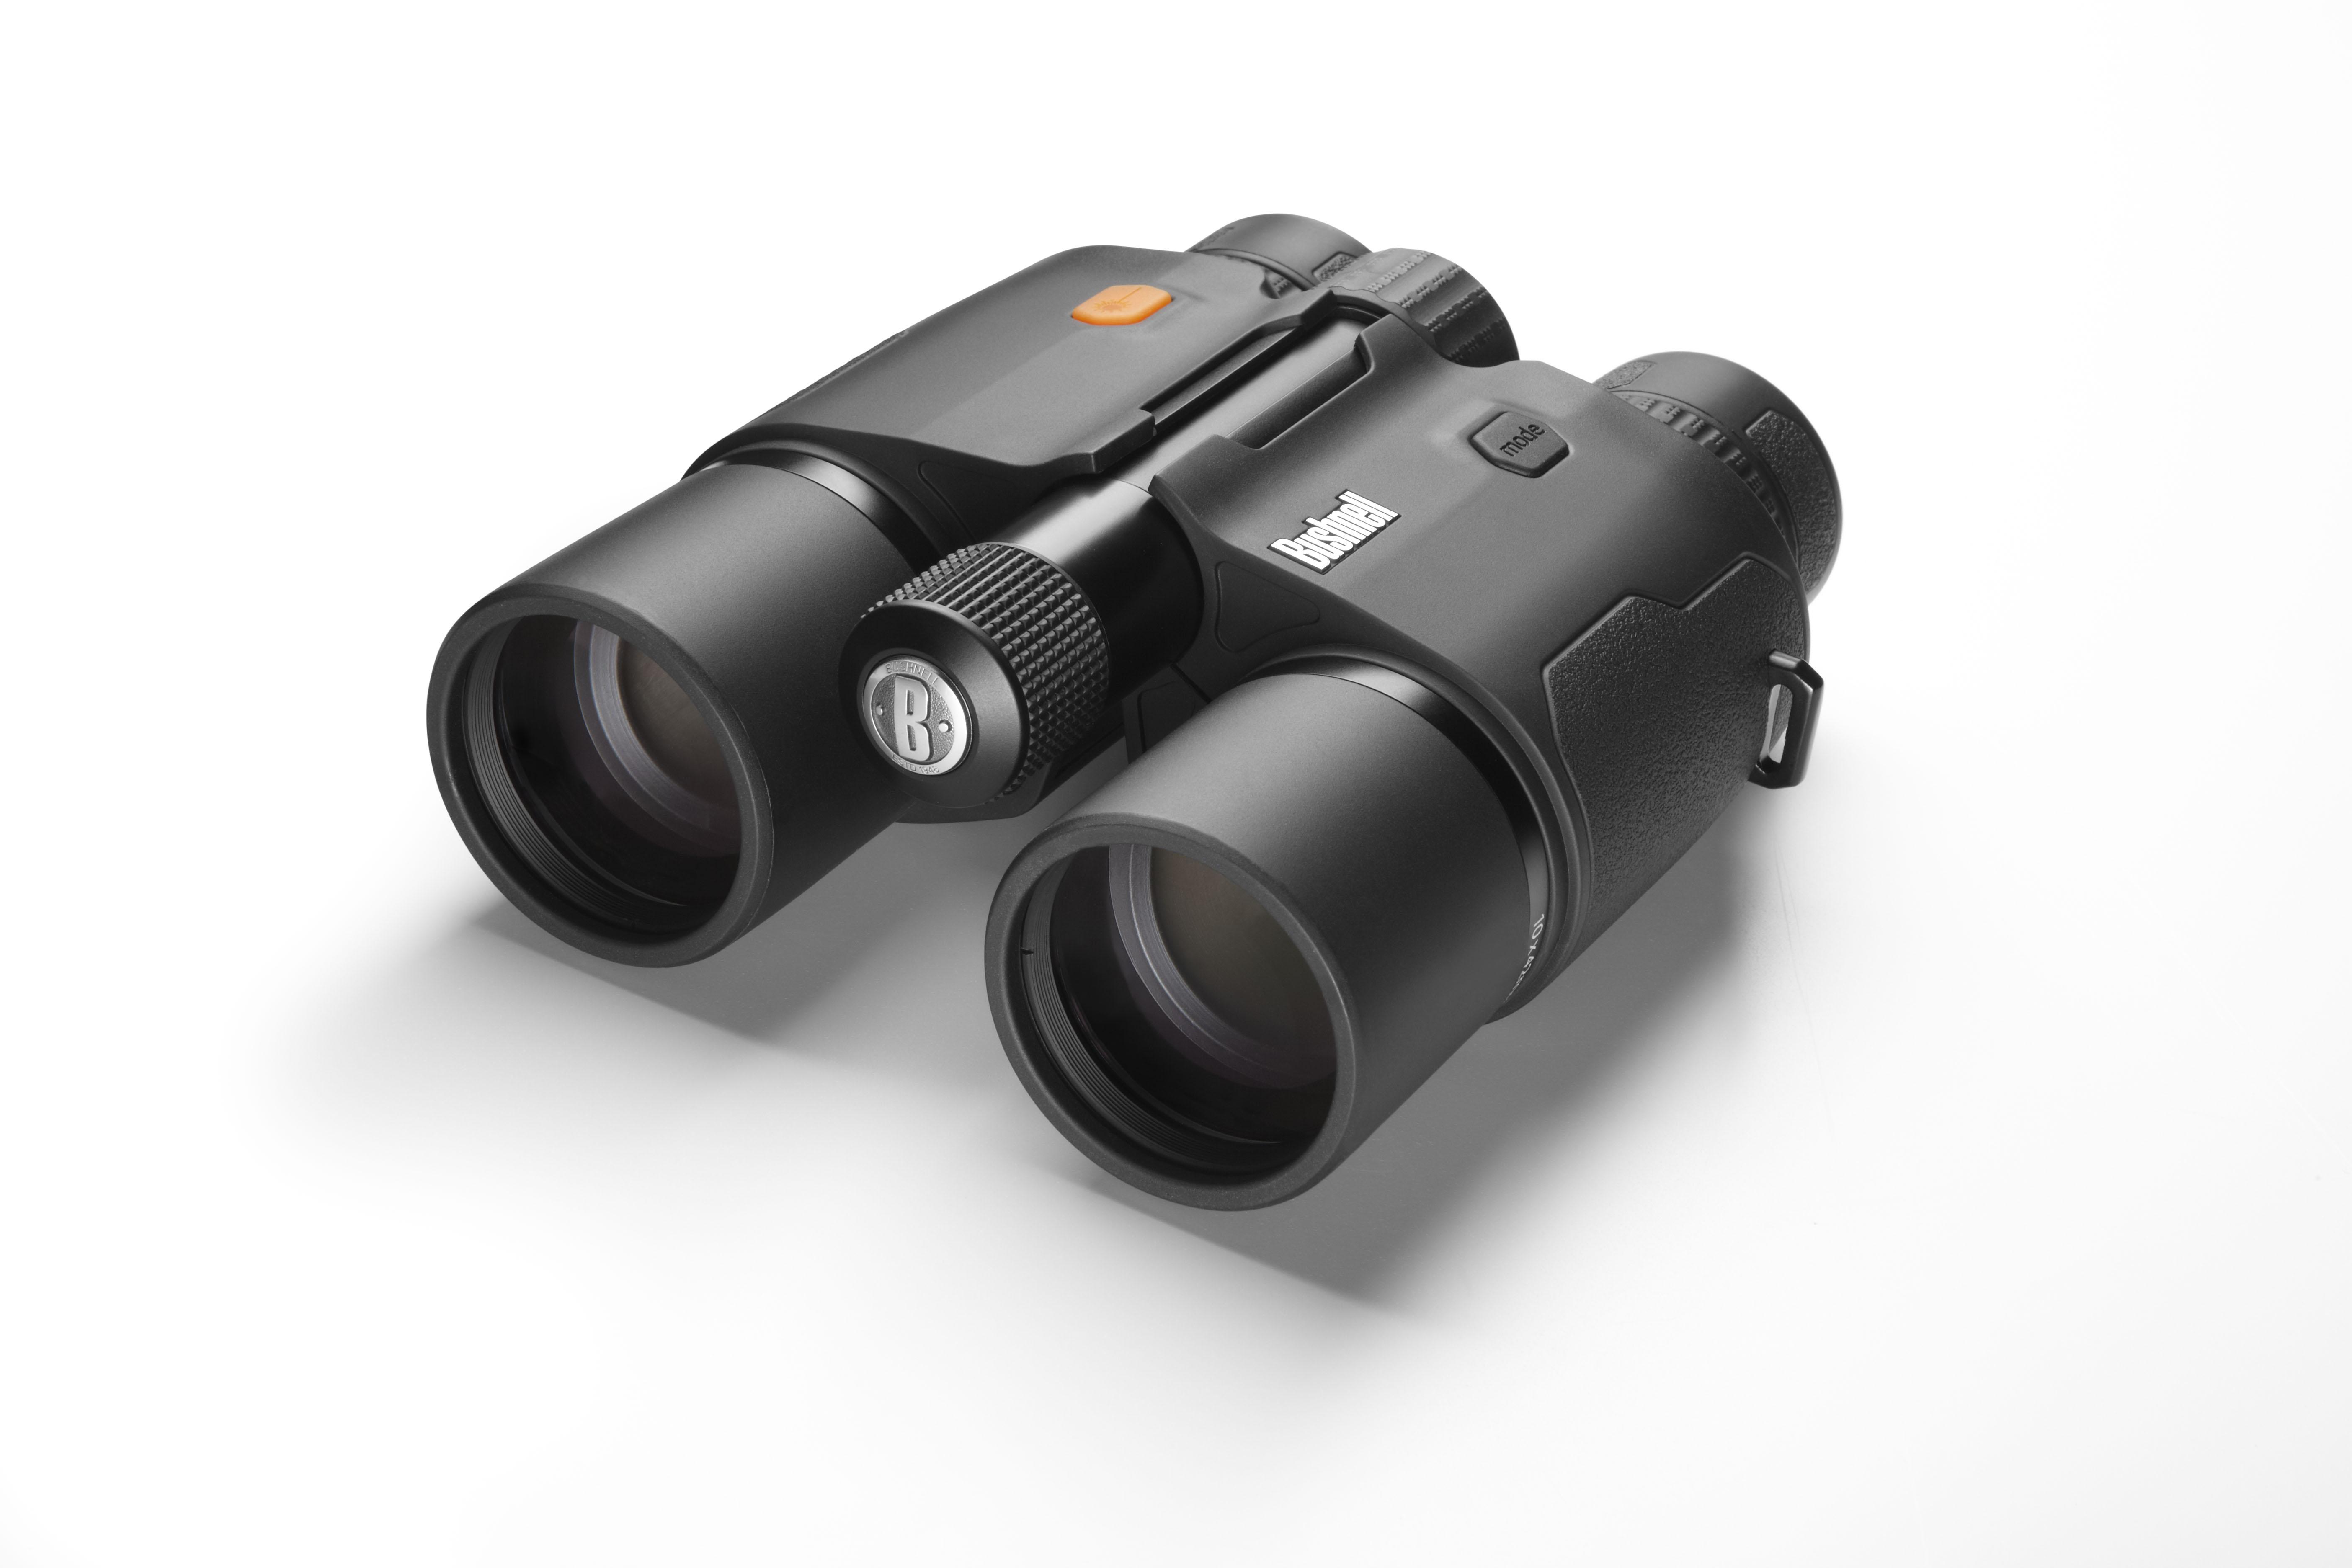 Nikon Fernglas Mit Entfernungsmesser : Bushnell fernglas laser entfernungsmesser fusion 1 mile art 10x42